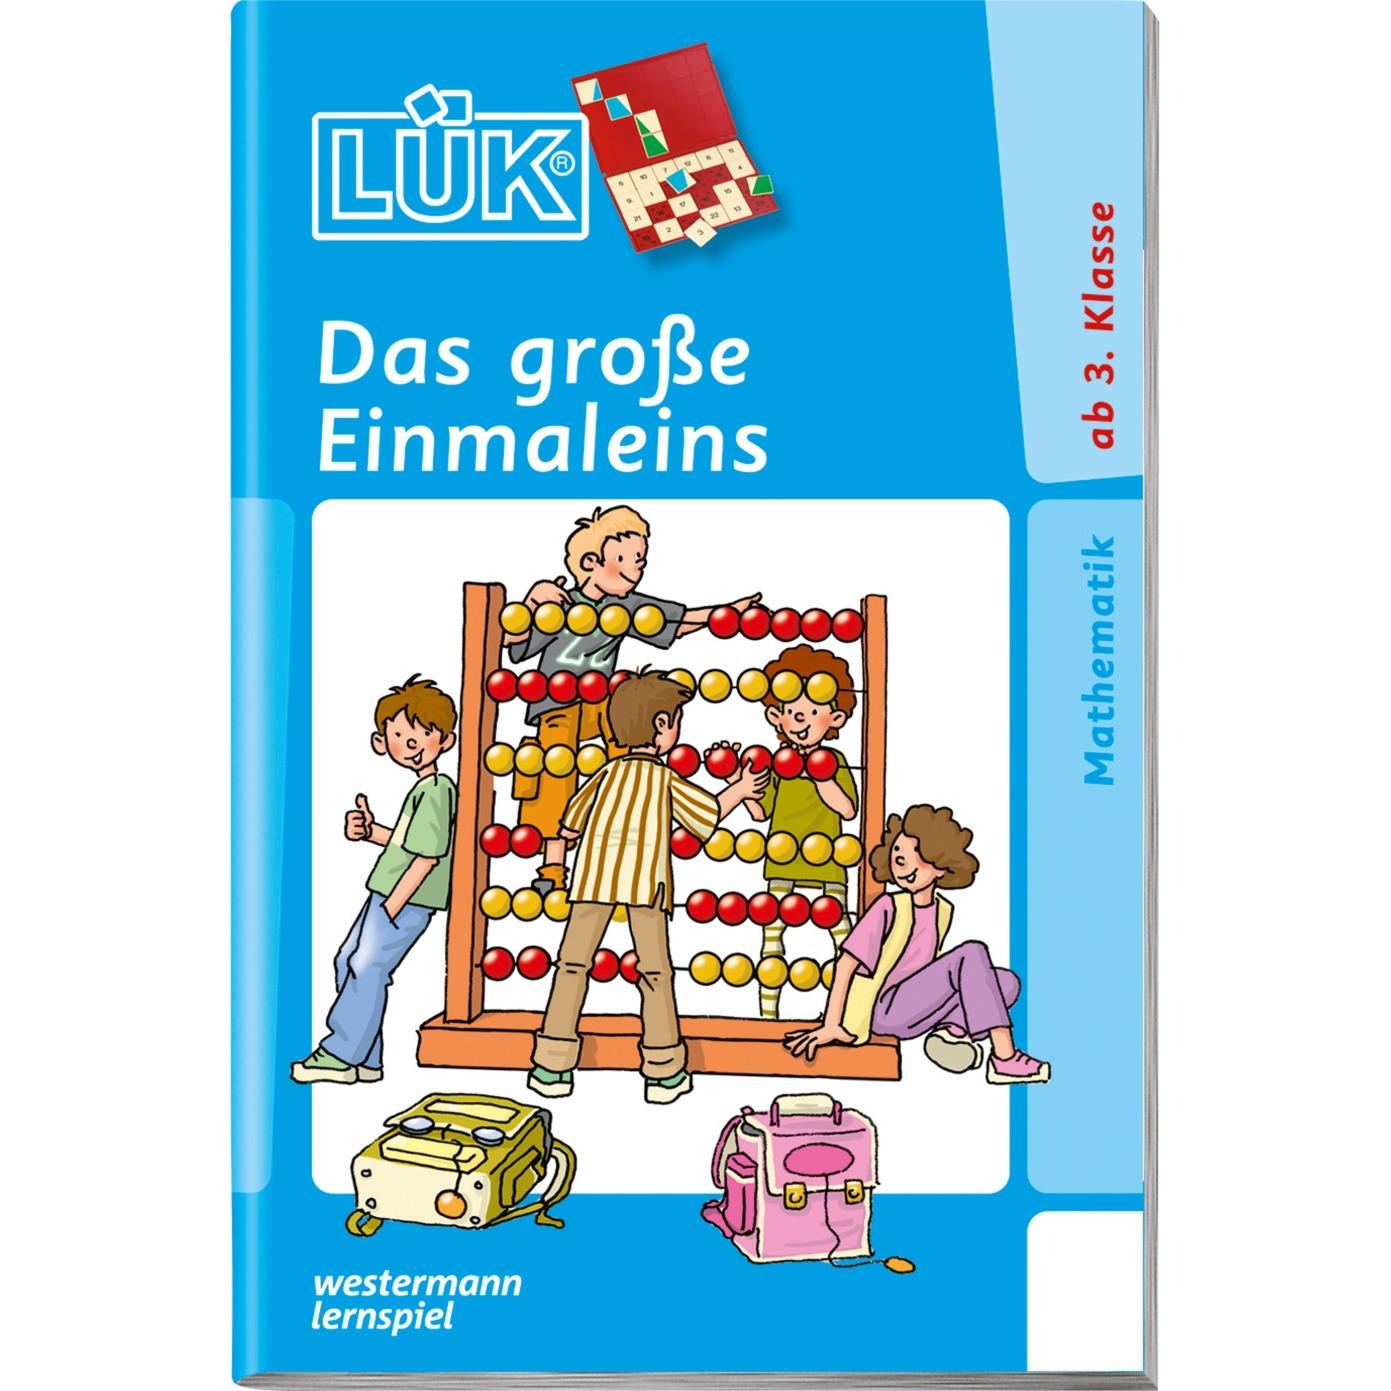 Das große Einmaleins livre pour enfants, Manuel